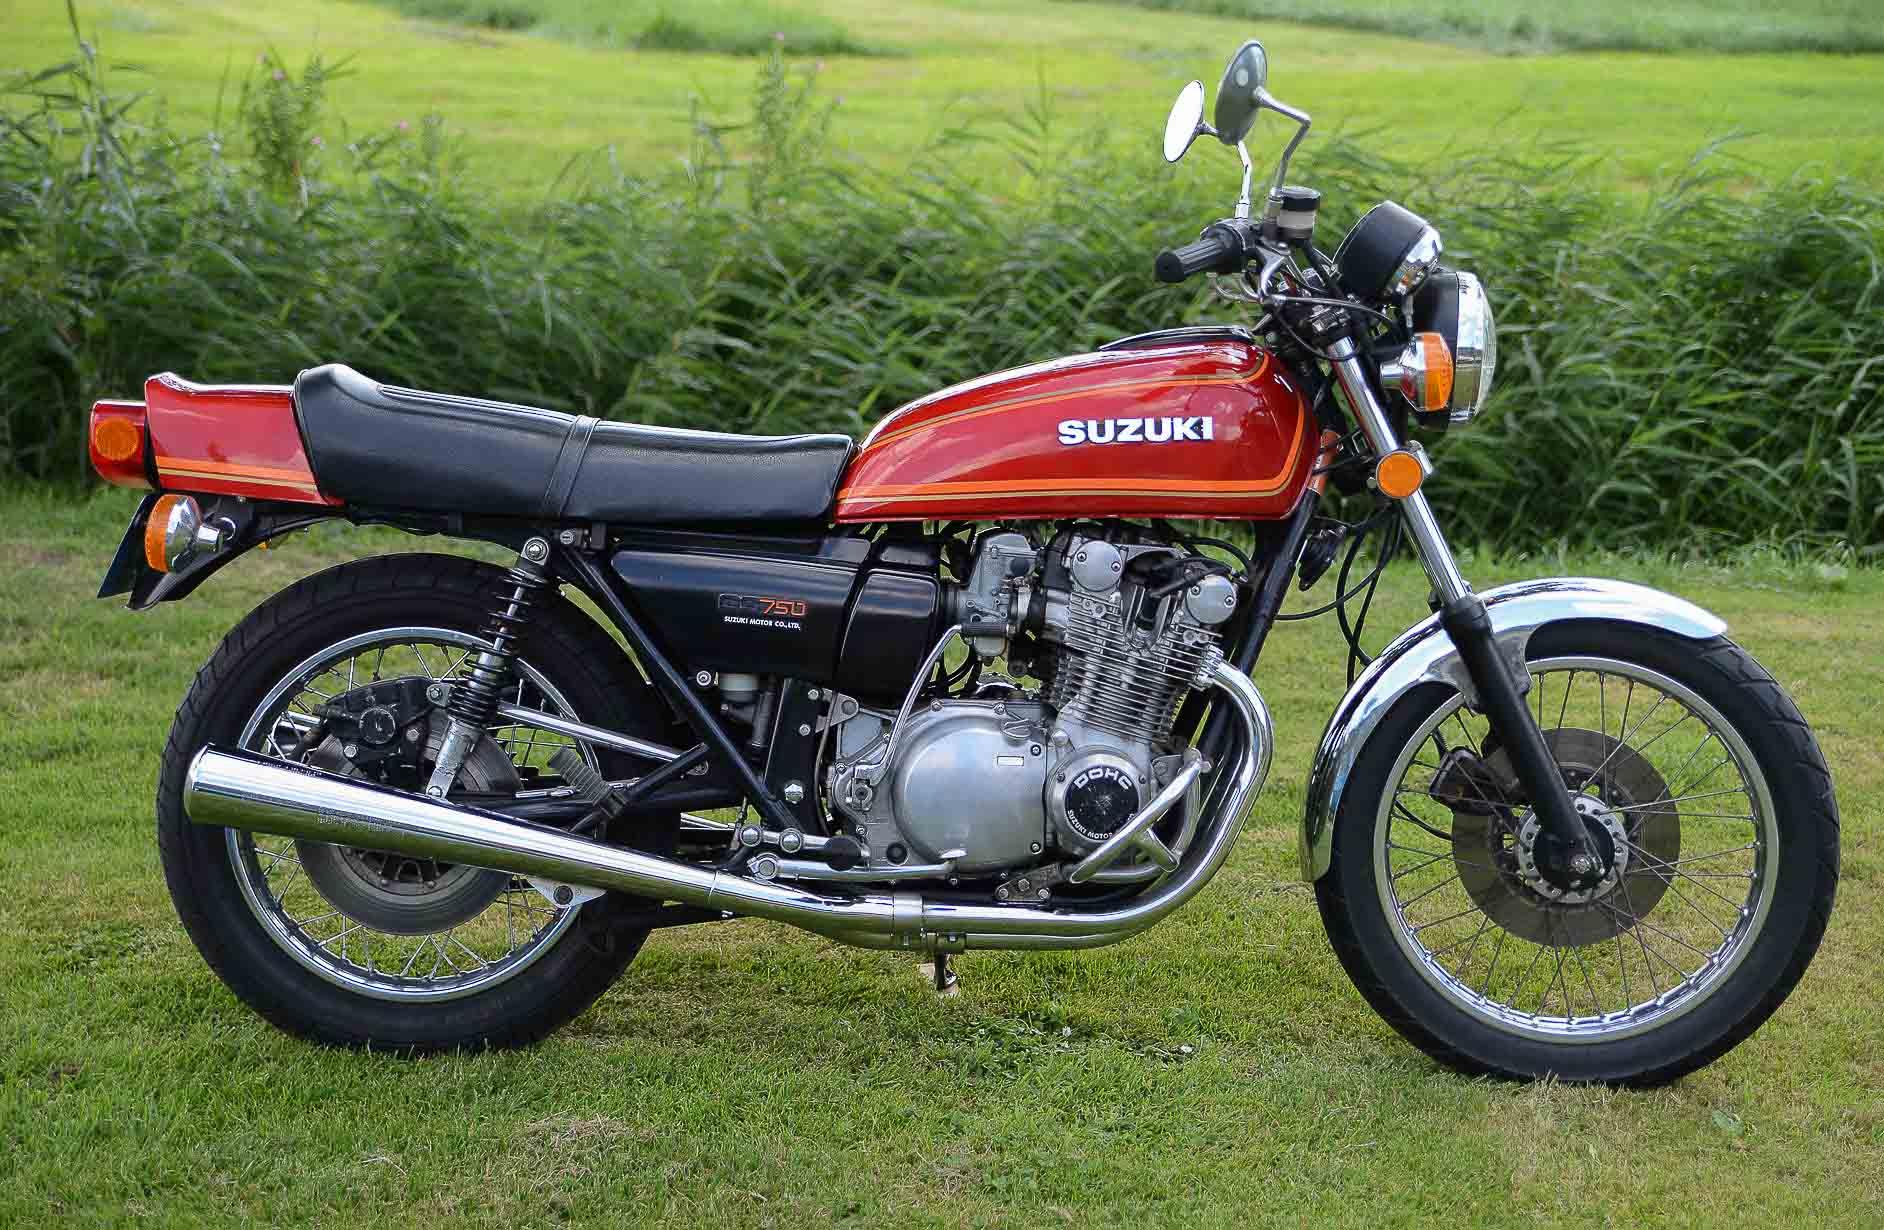 SUZUKI GS 750E (1976 - 1980)